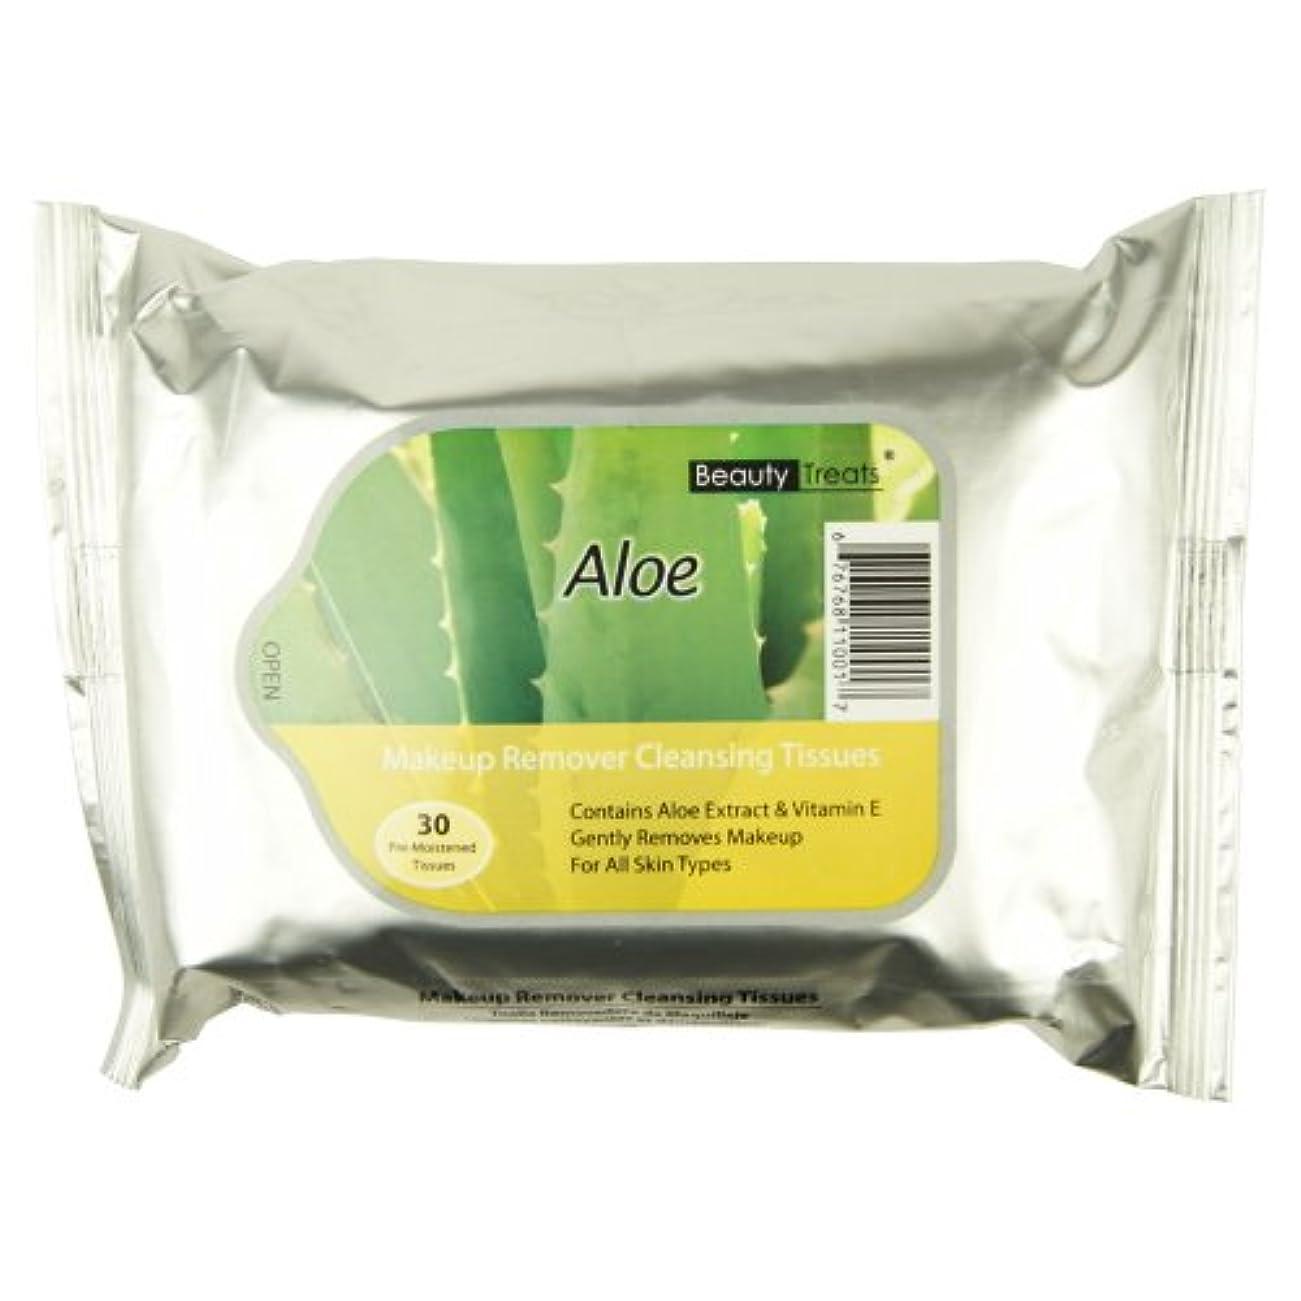 屋内でずっと意味のあるBEAUTY TREATS Makeup Remover Cleansing Tissues - Aloe (並行輸入品)